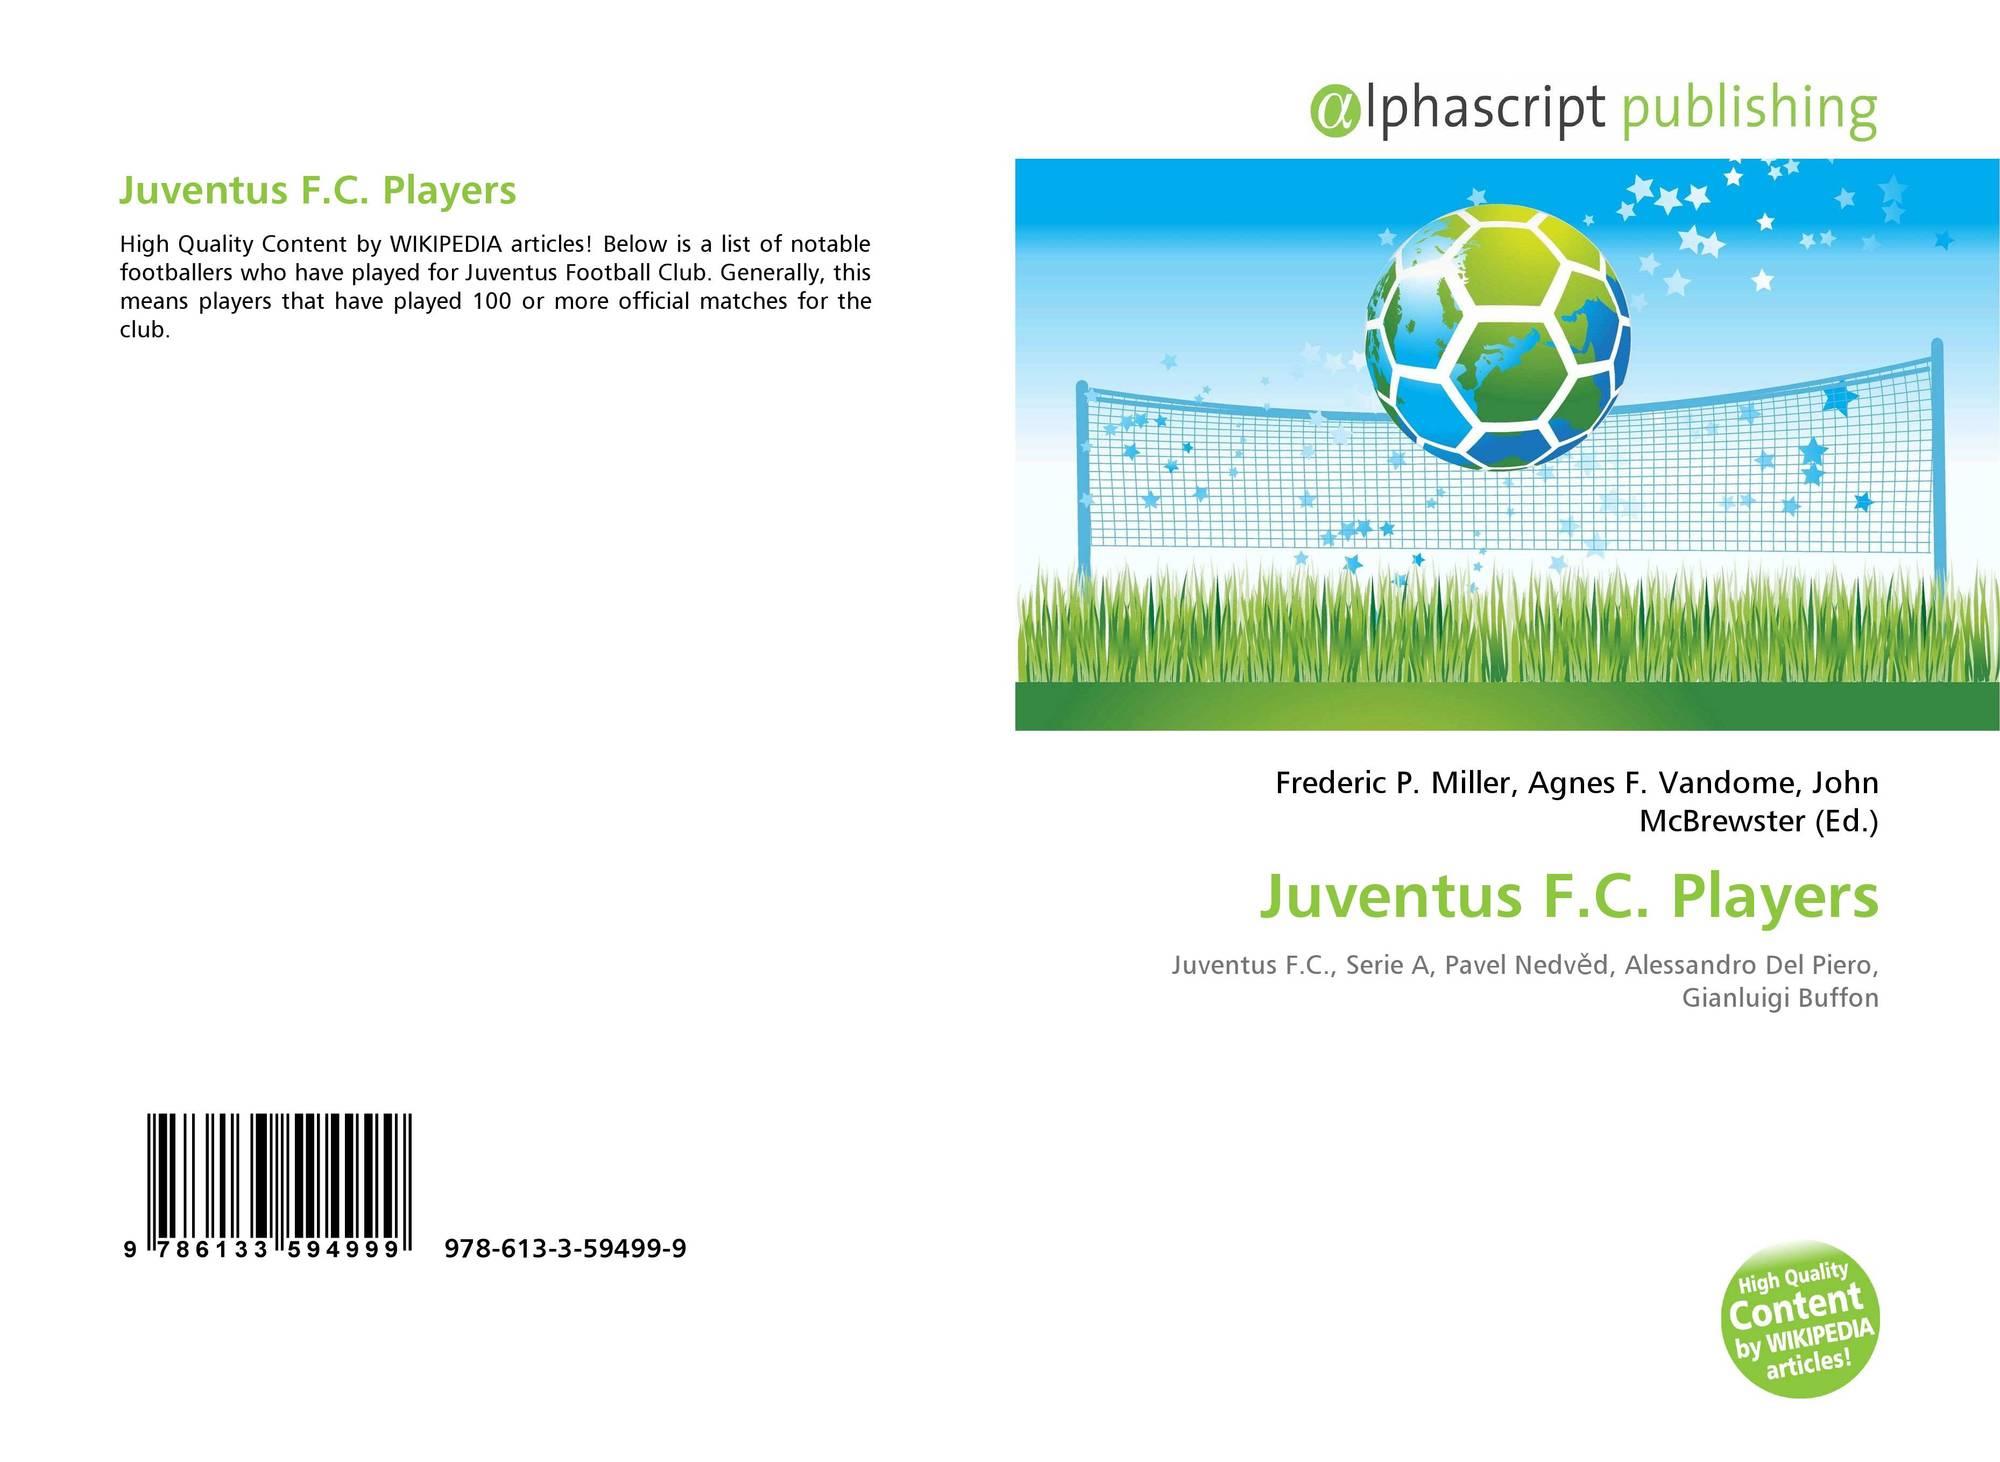 Juventus F.C. Players, 978-613-3-59499-9, 6133594993 ,9786133594999